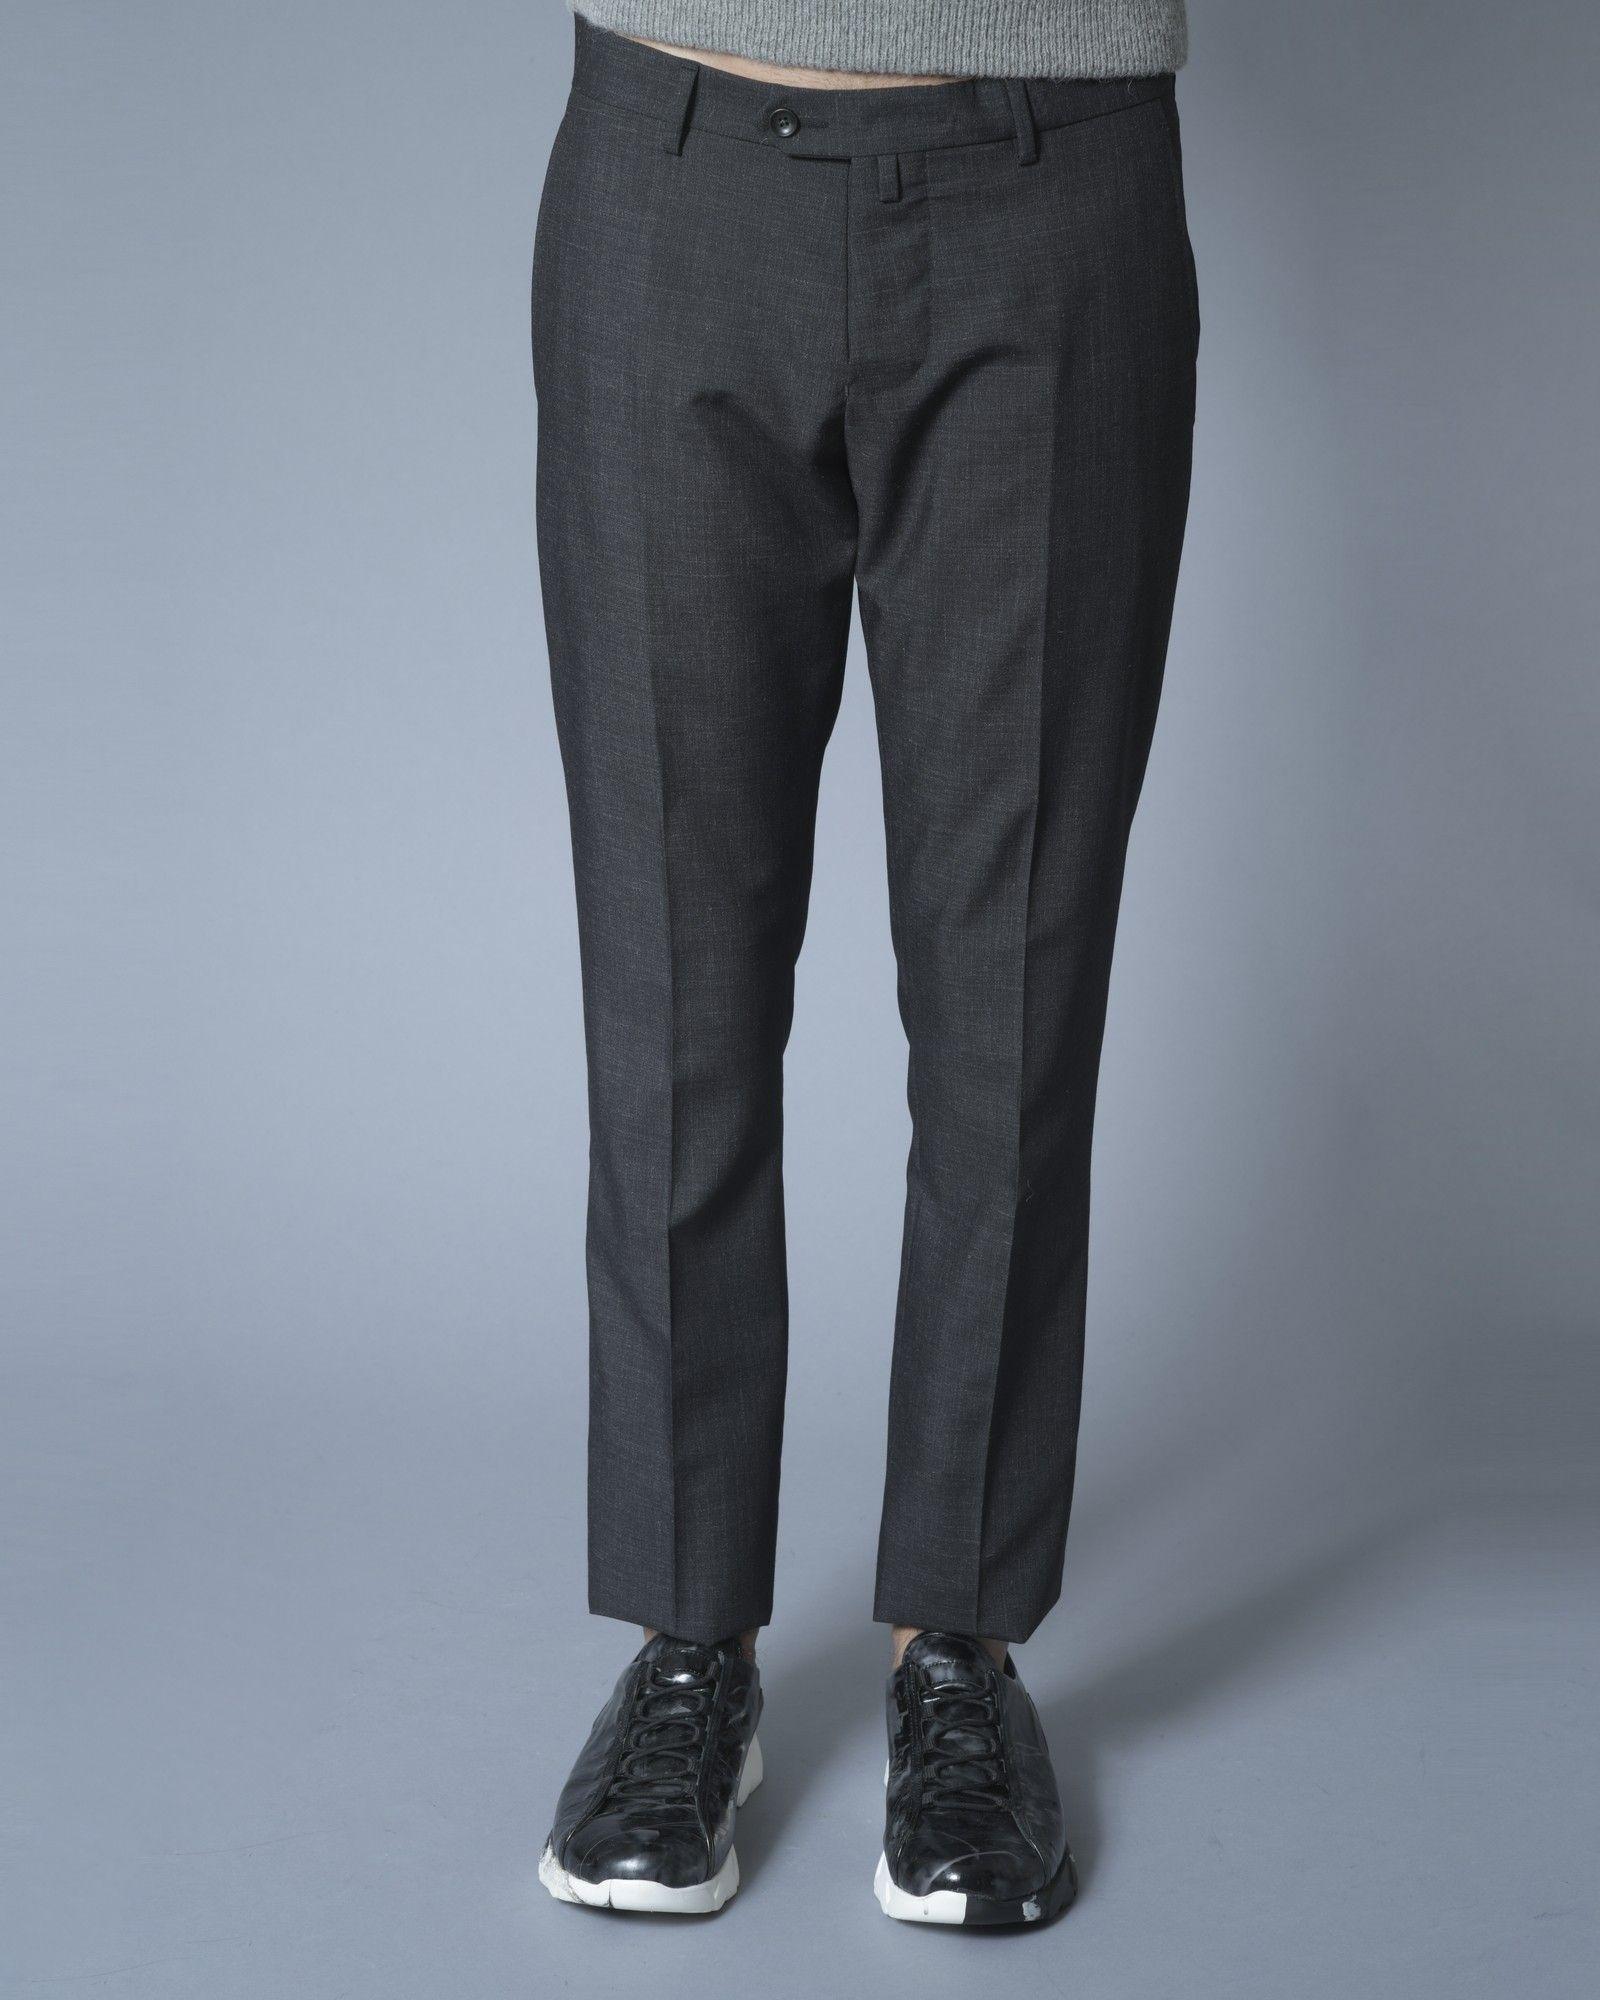 Pantalon tailleur en laine irisée grise Ly Adams